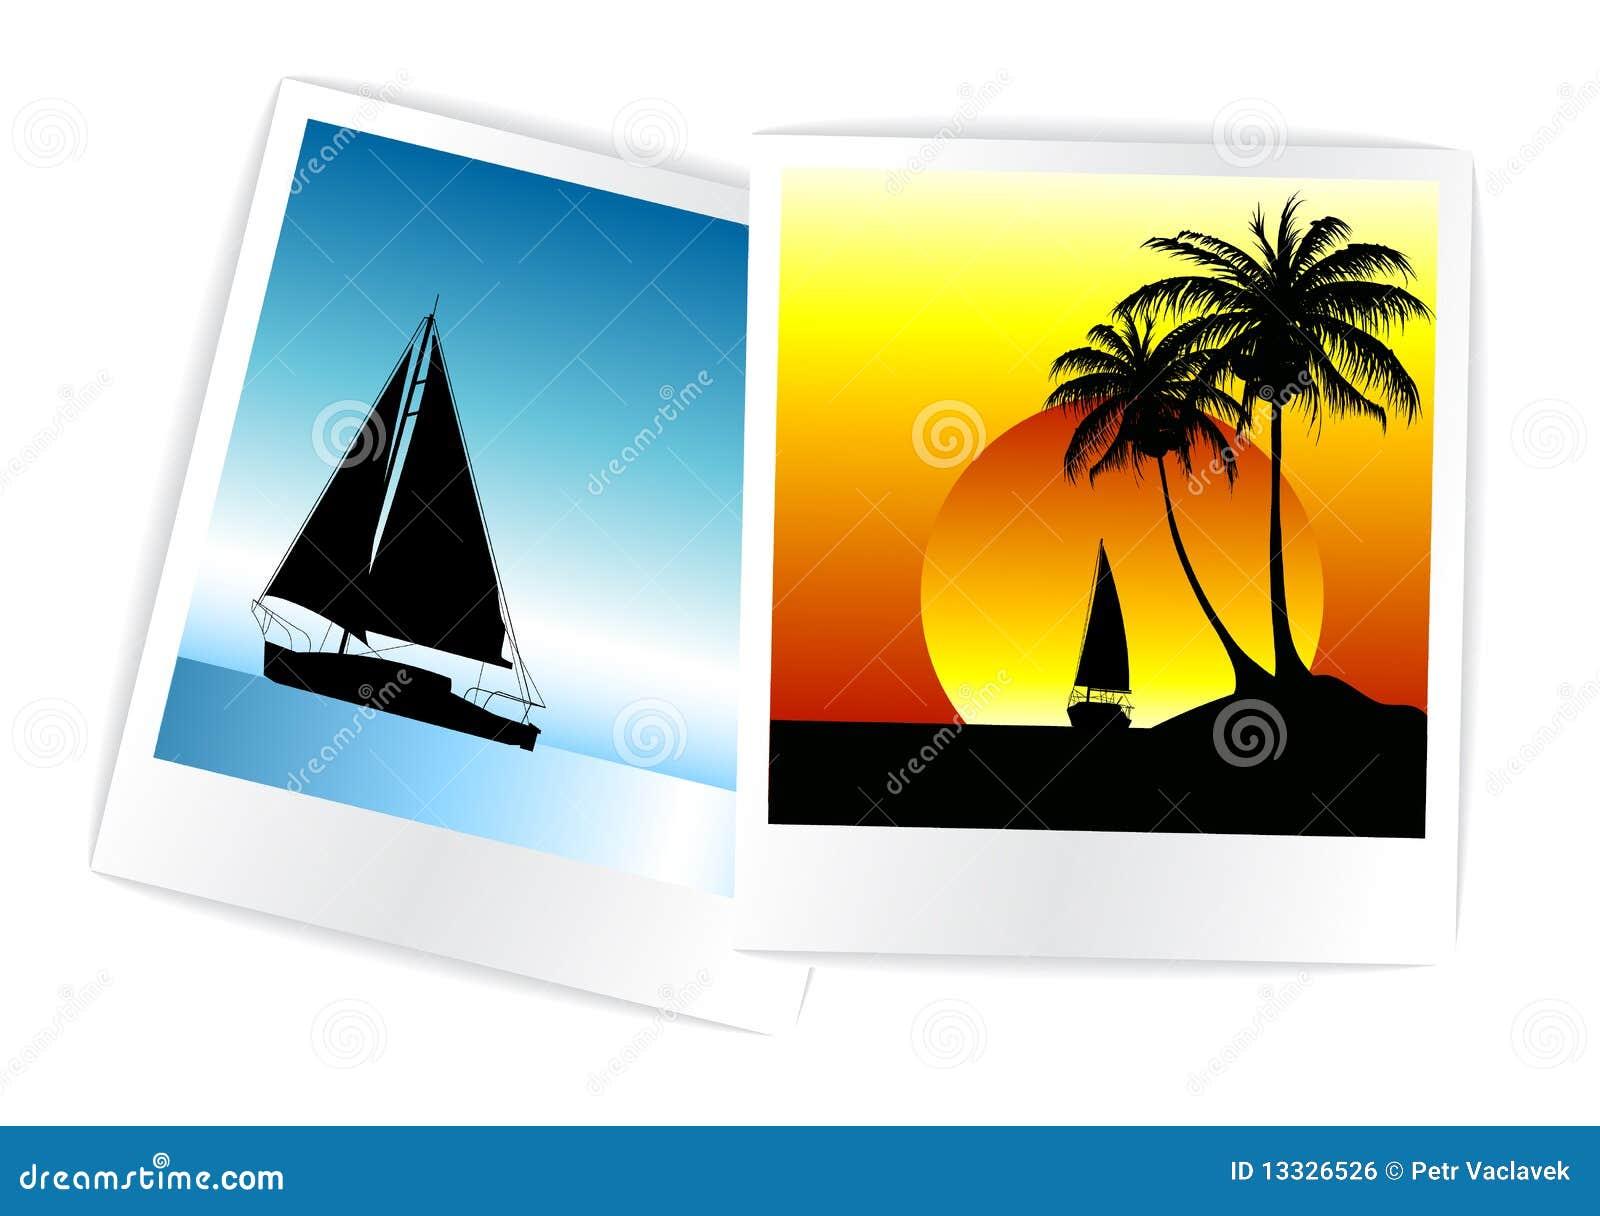 Ustawiać wakacje kolorowe fotografie